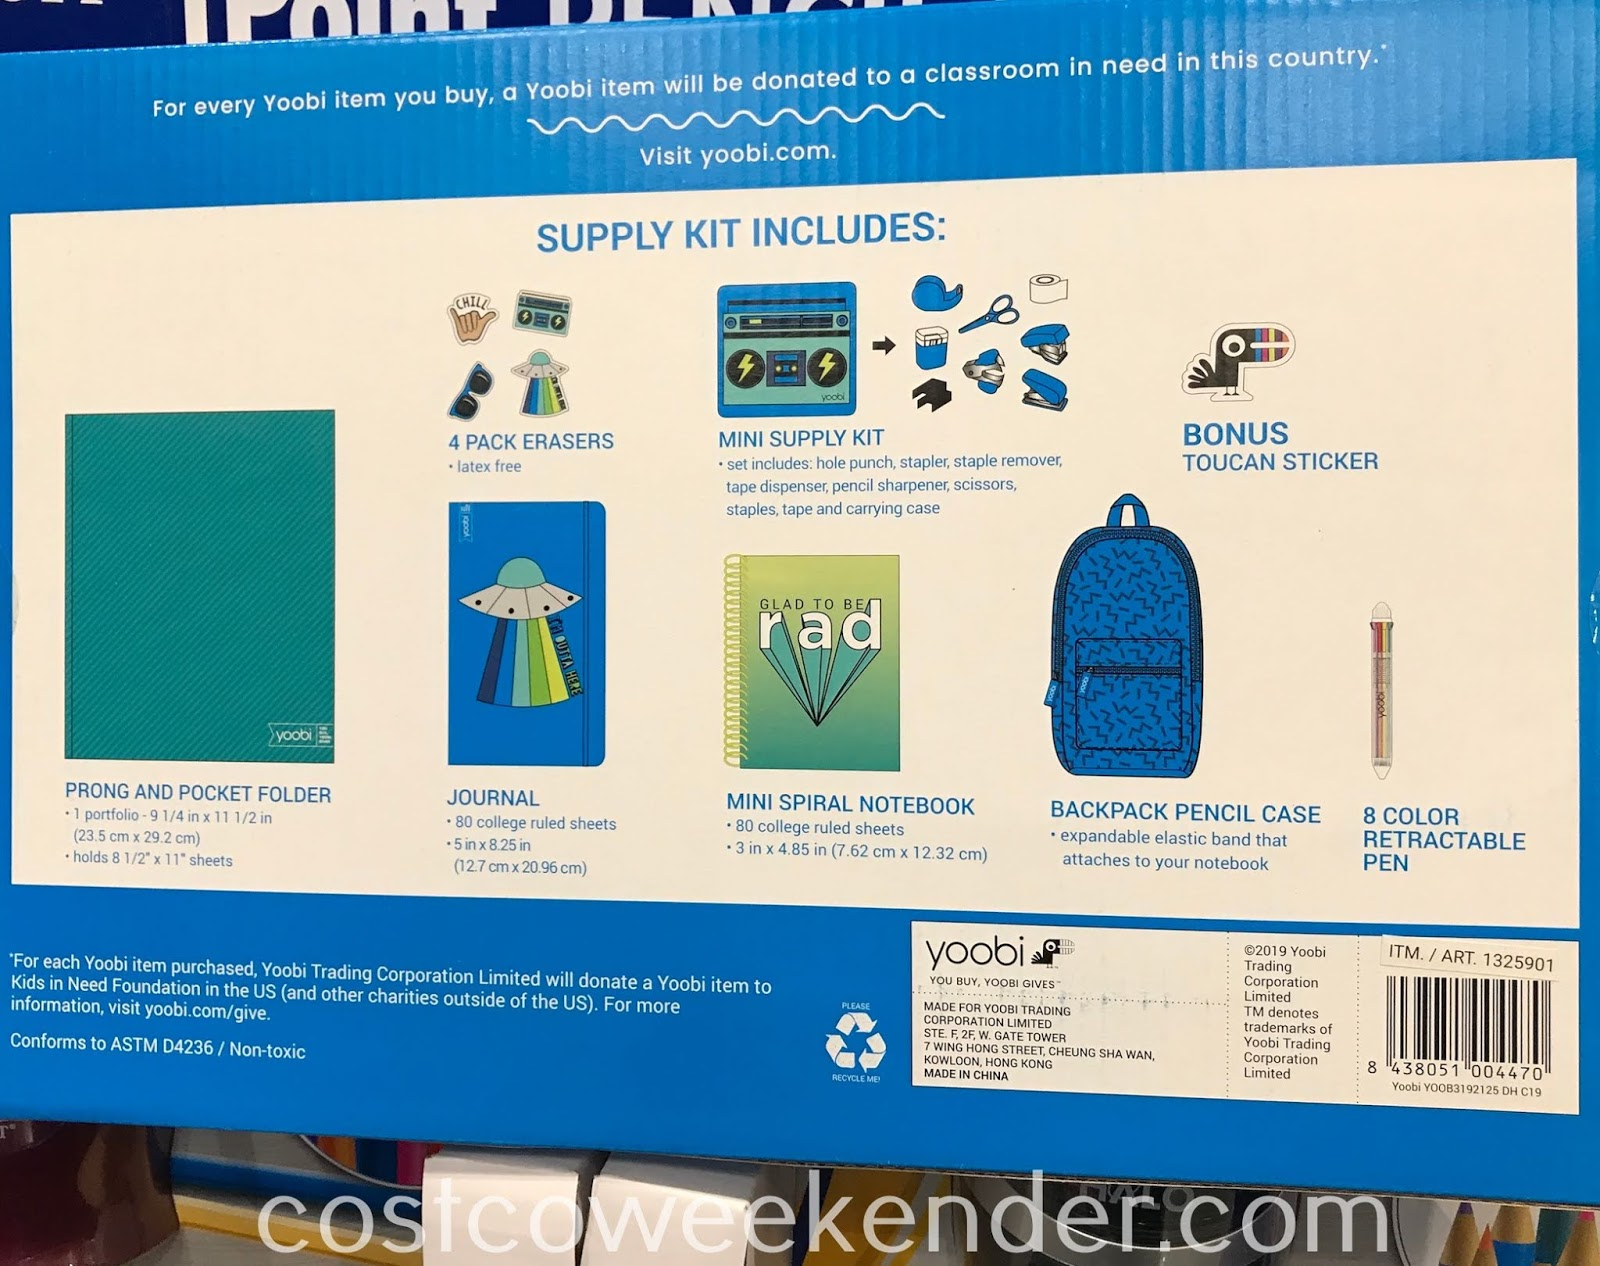 Costco 1325901 - Yoobi School Supply Kit: great for your grade schooler